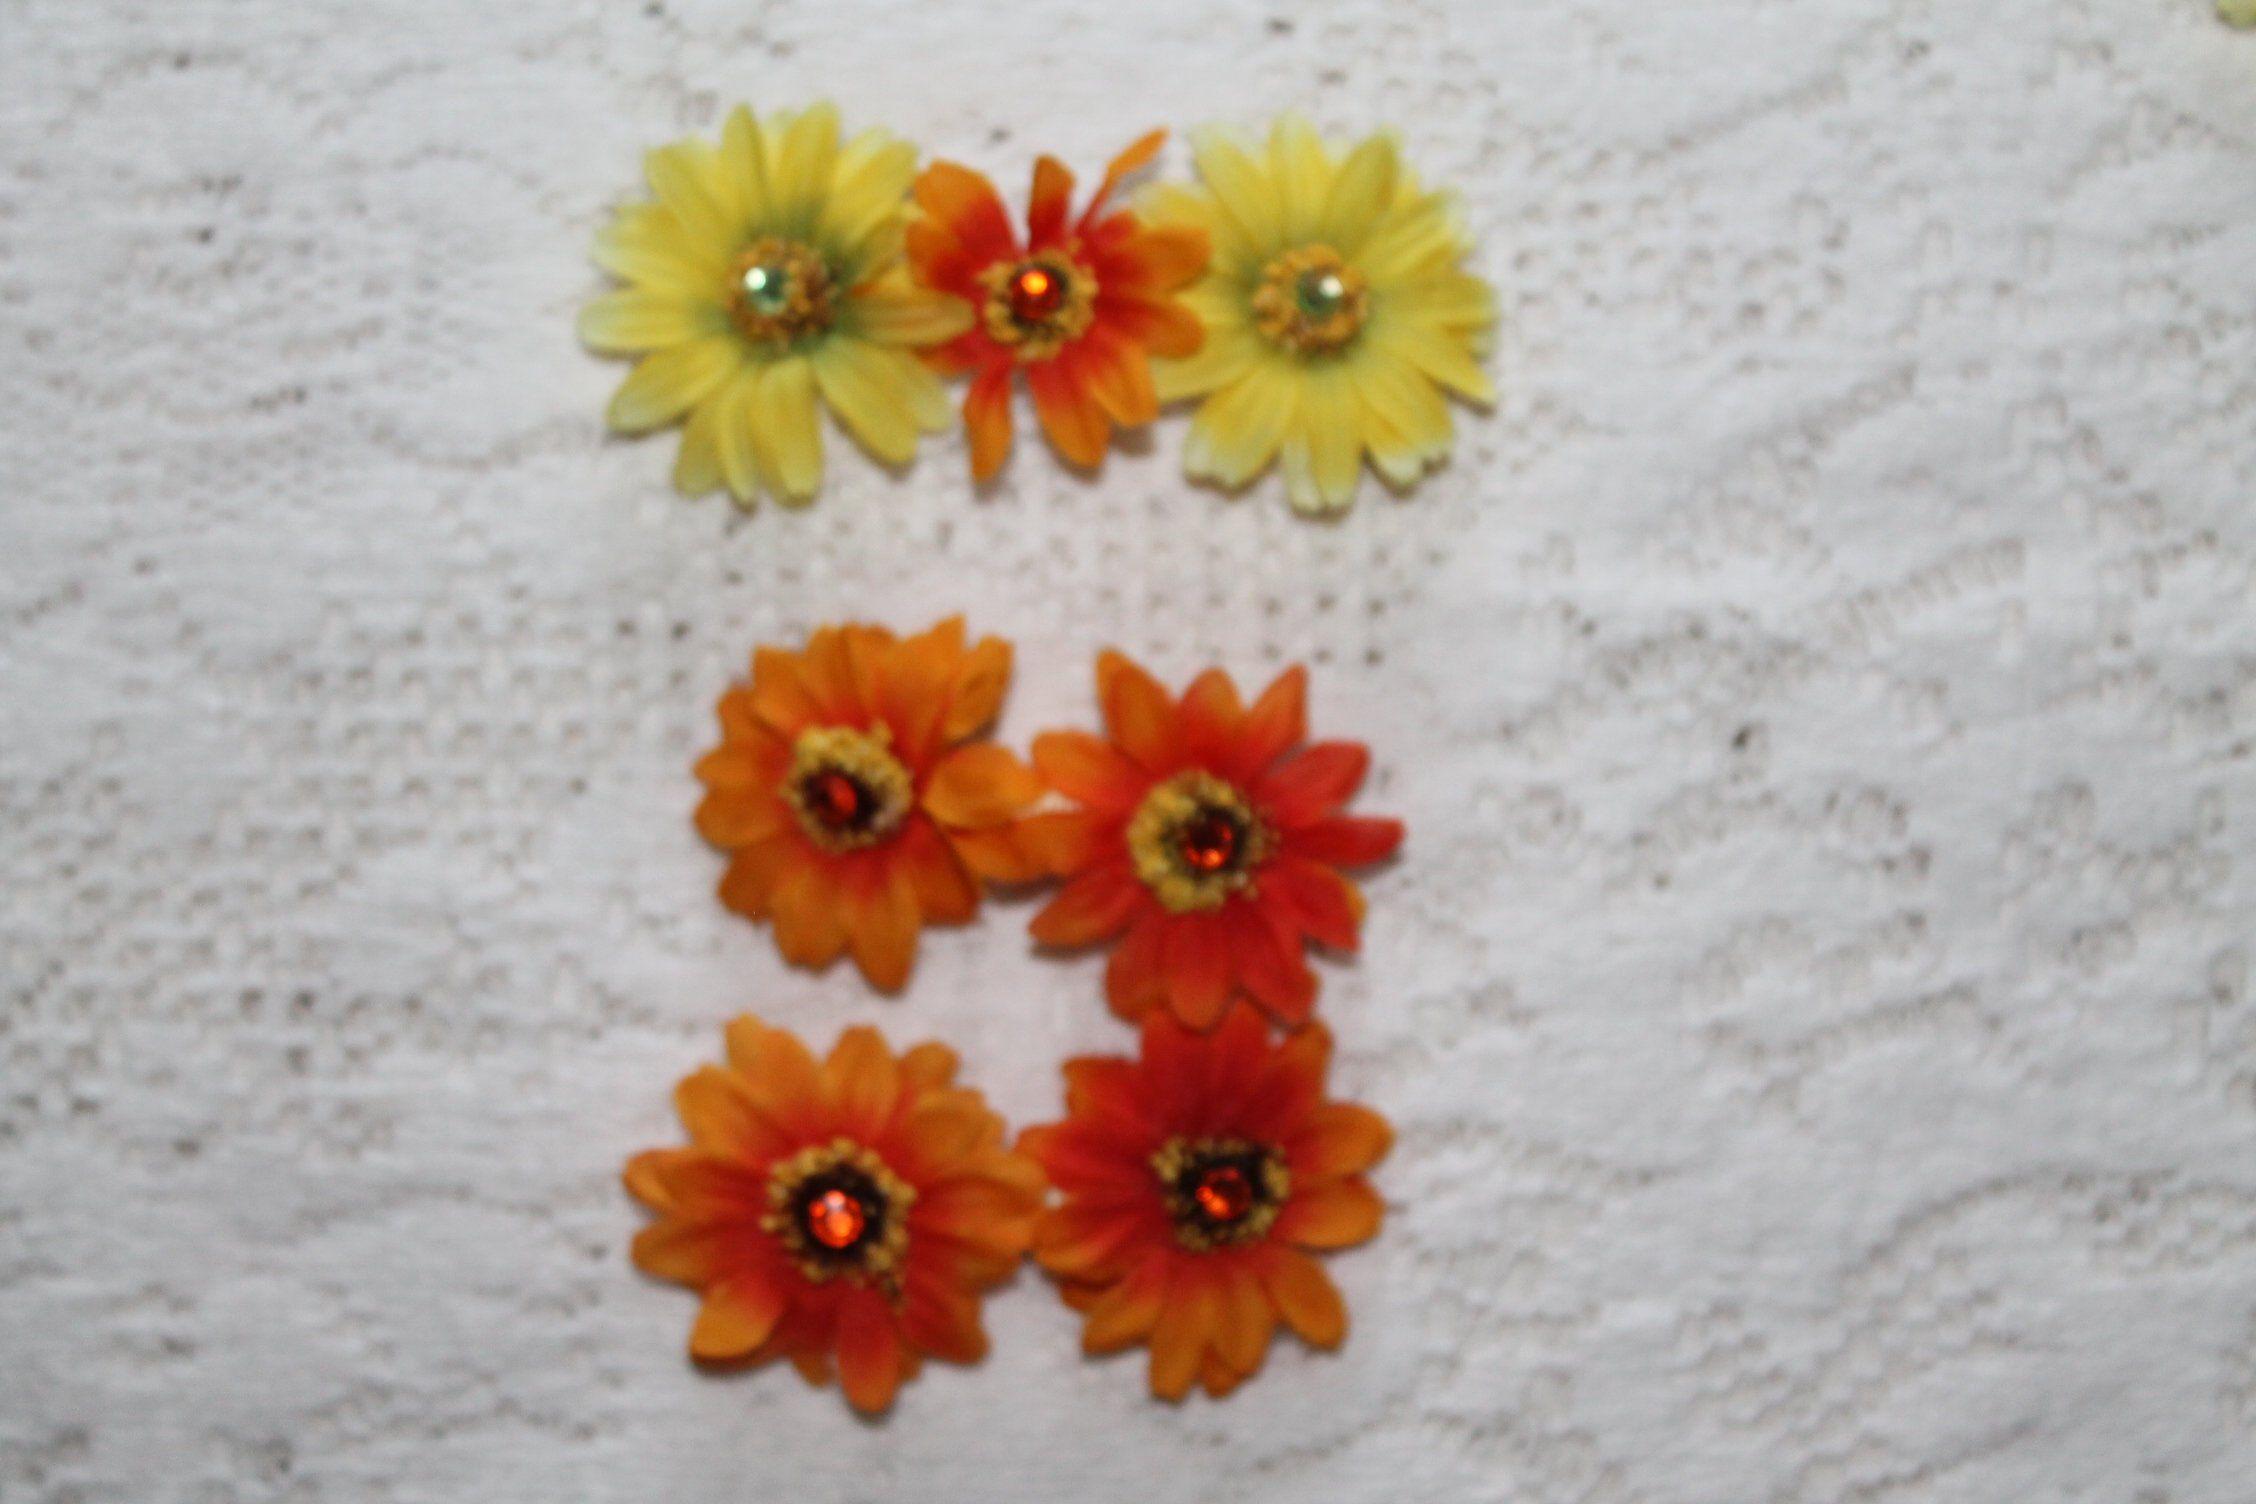 Daisy Gift Daisy Hair Clips Flower Hair Clips Orange Daisy Hair Slides